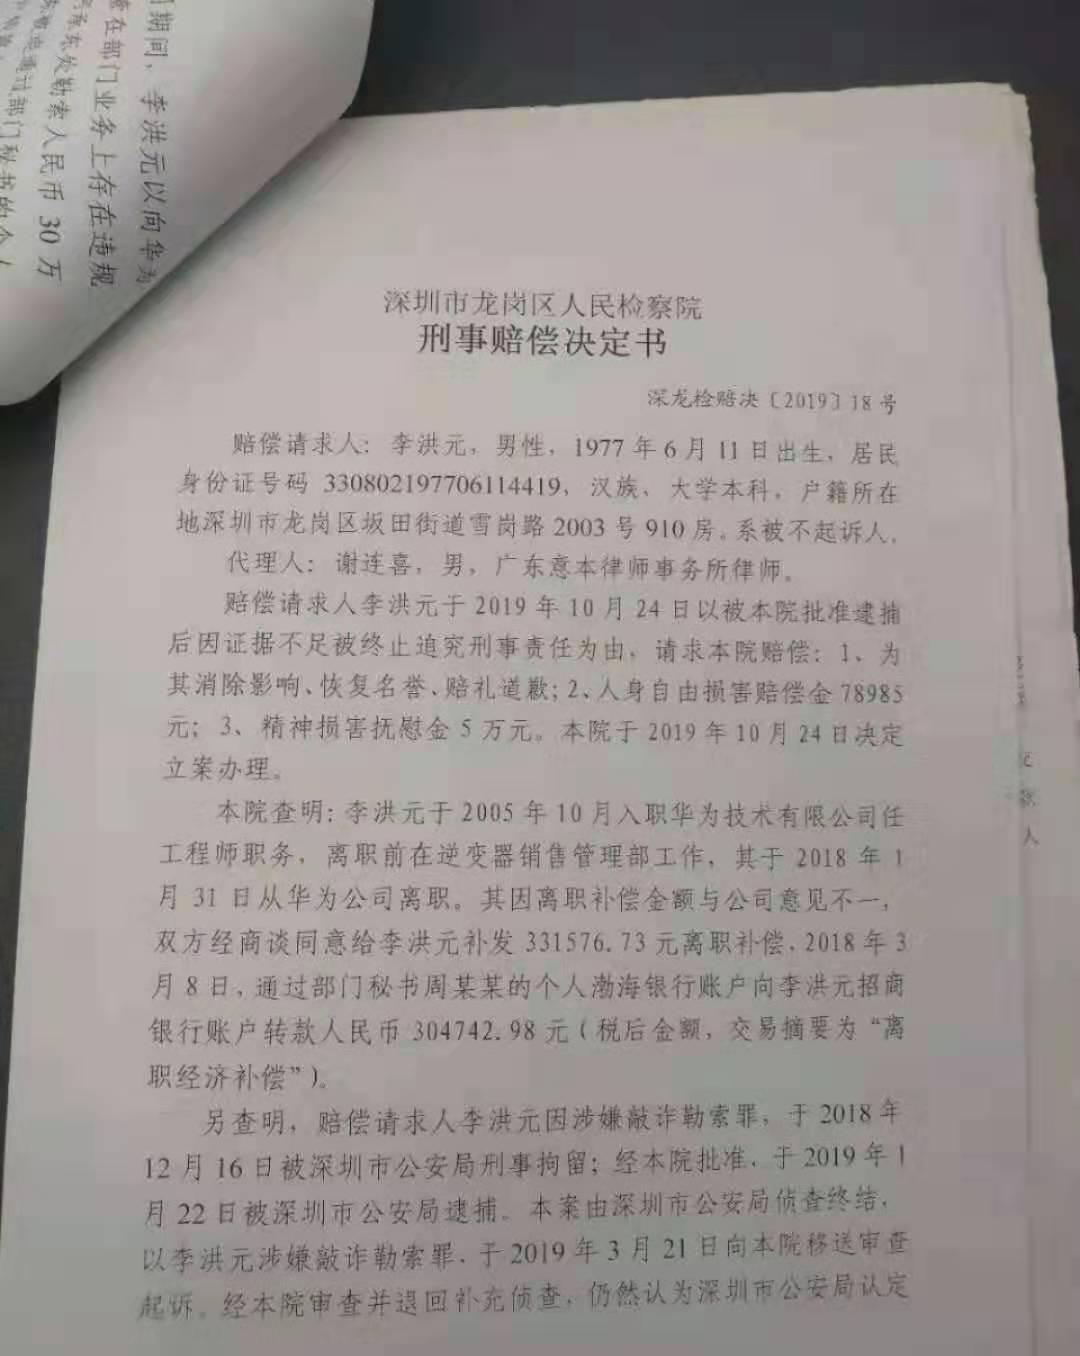 无罪释放!离职员工李洪元回应华为声明 希望有个道歉